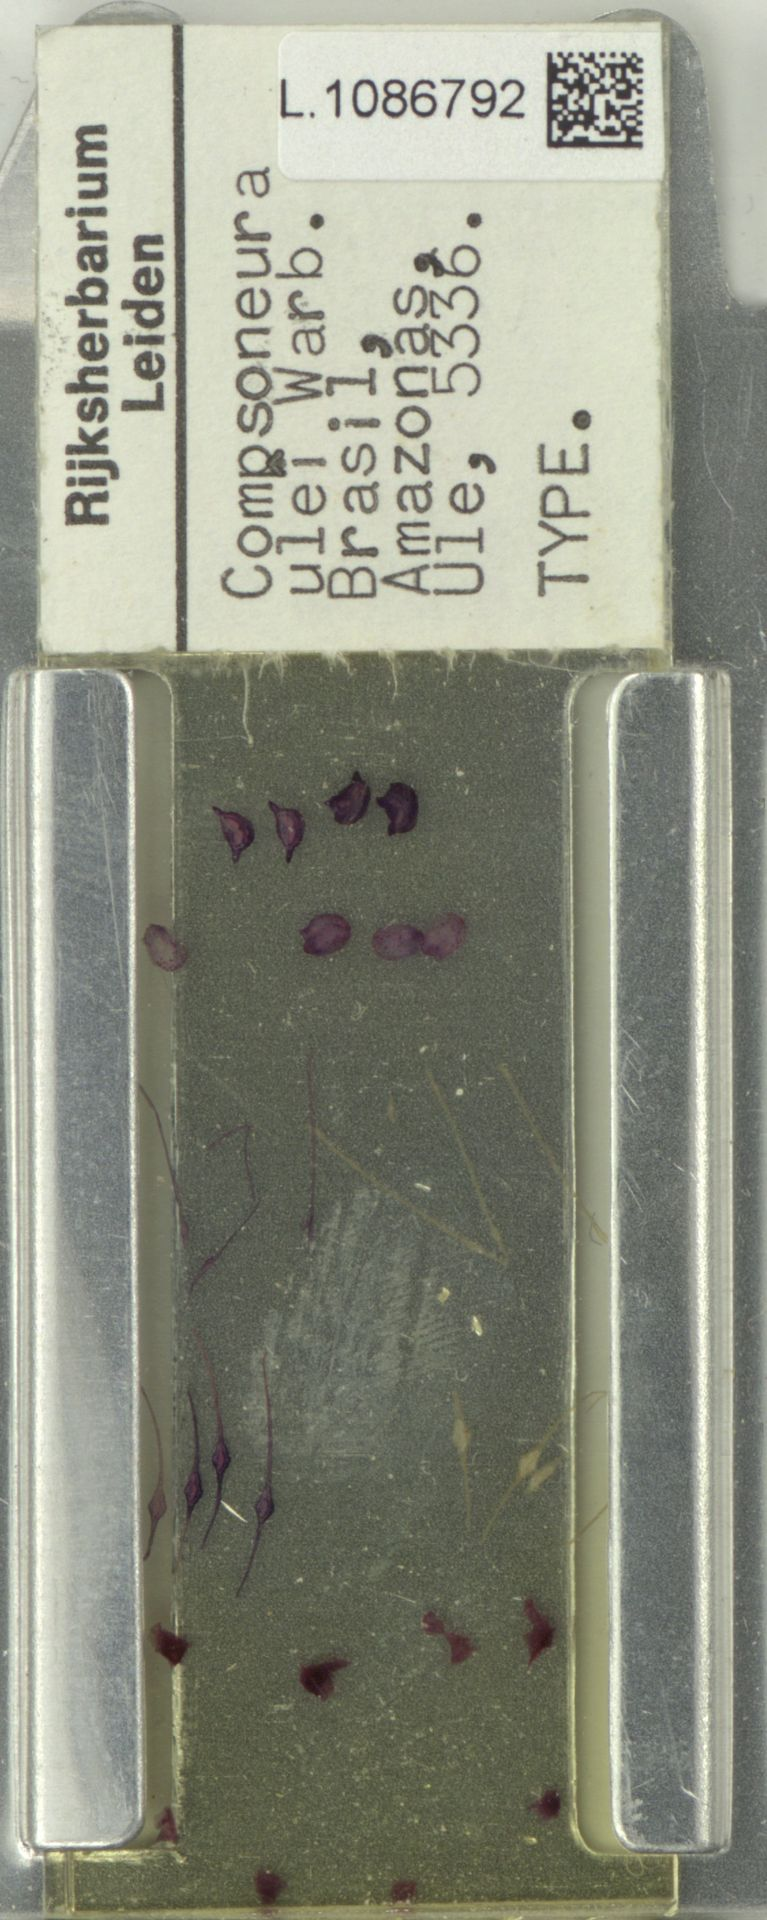 L.1086792 | Compsoneura ulei Warb.